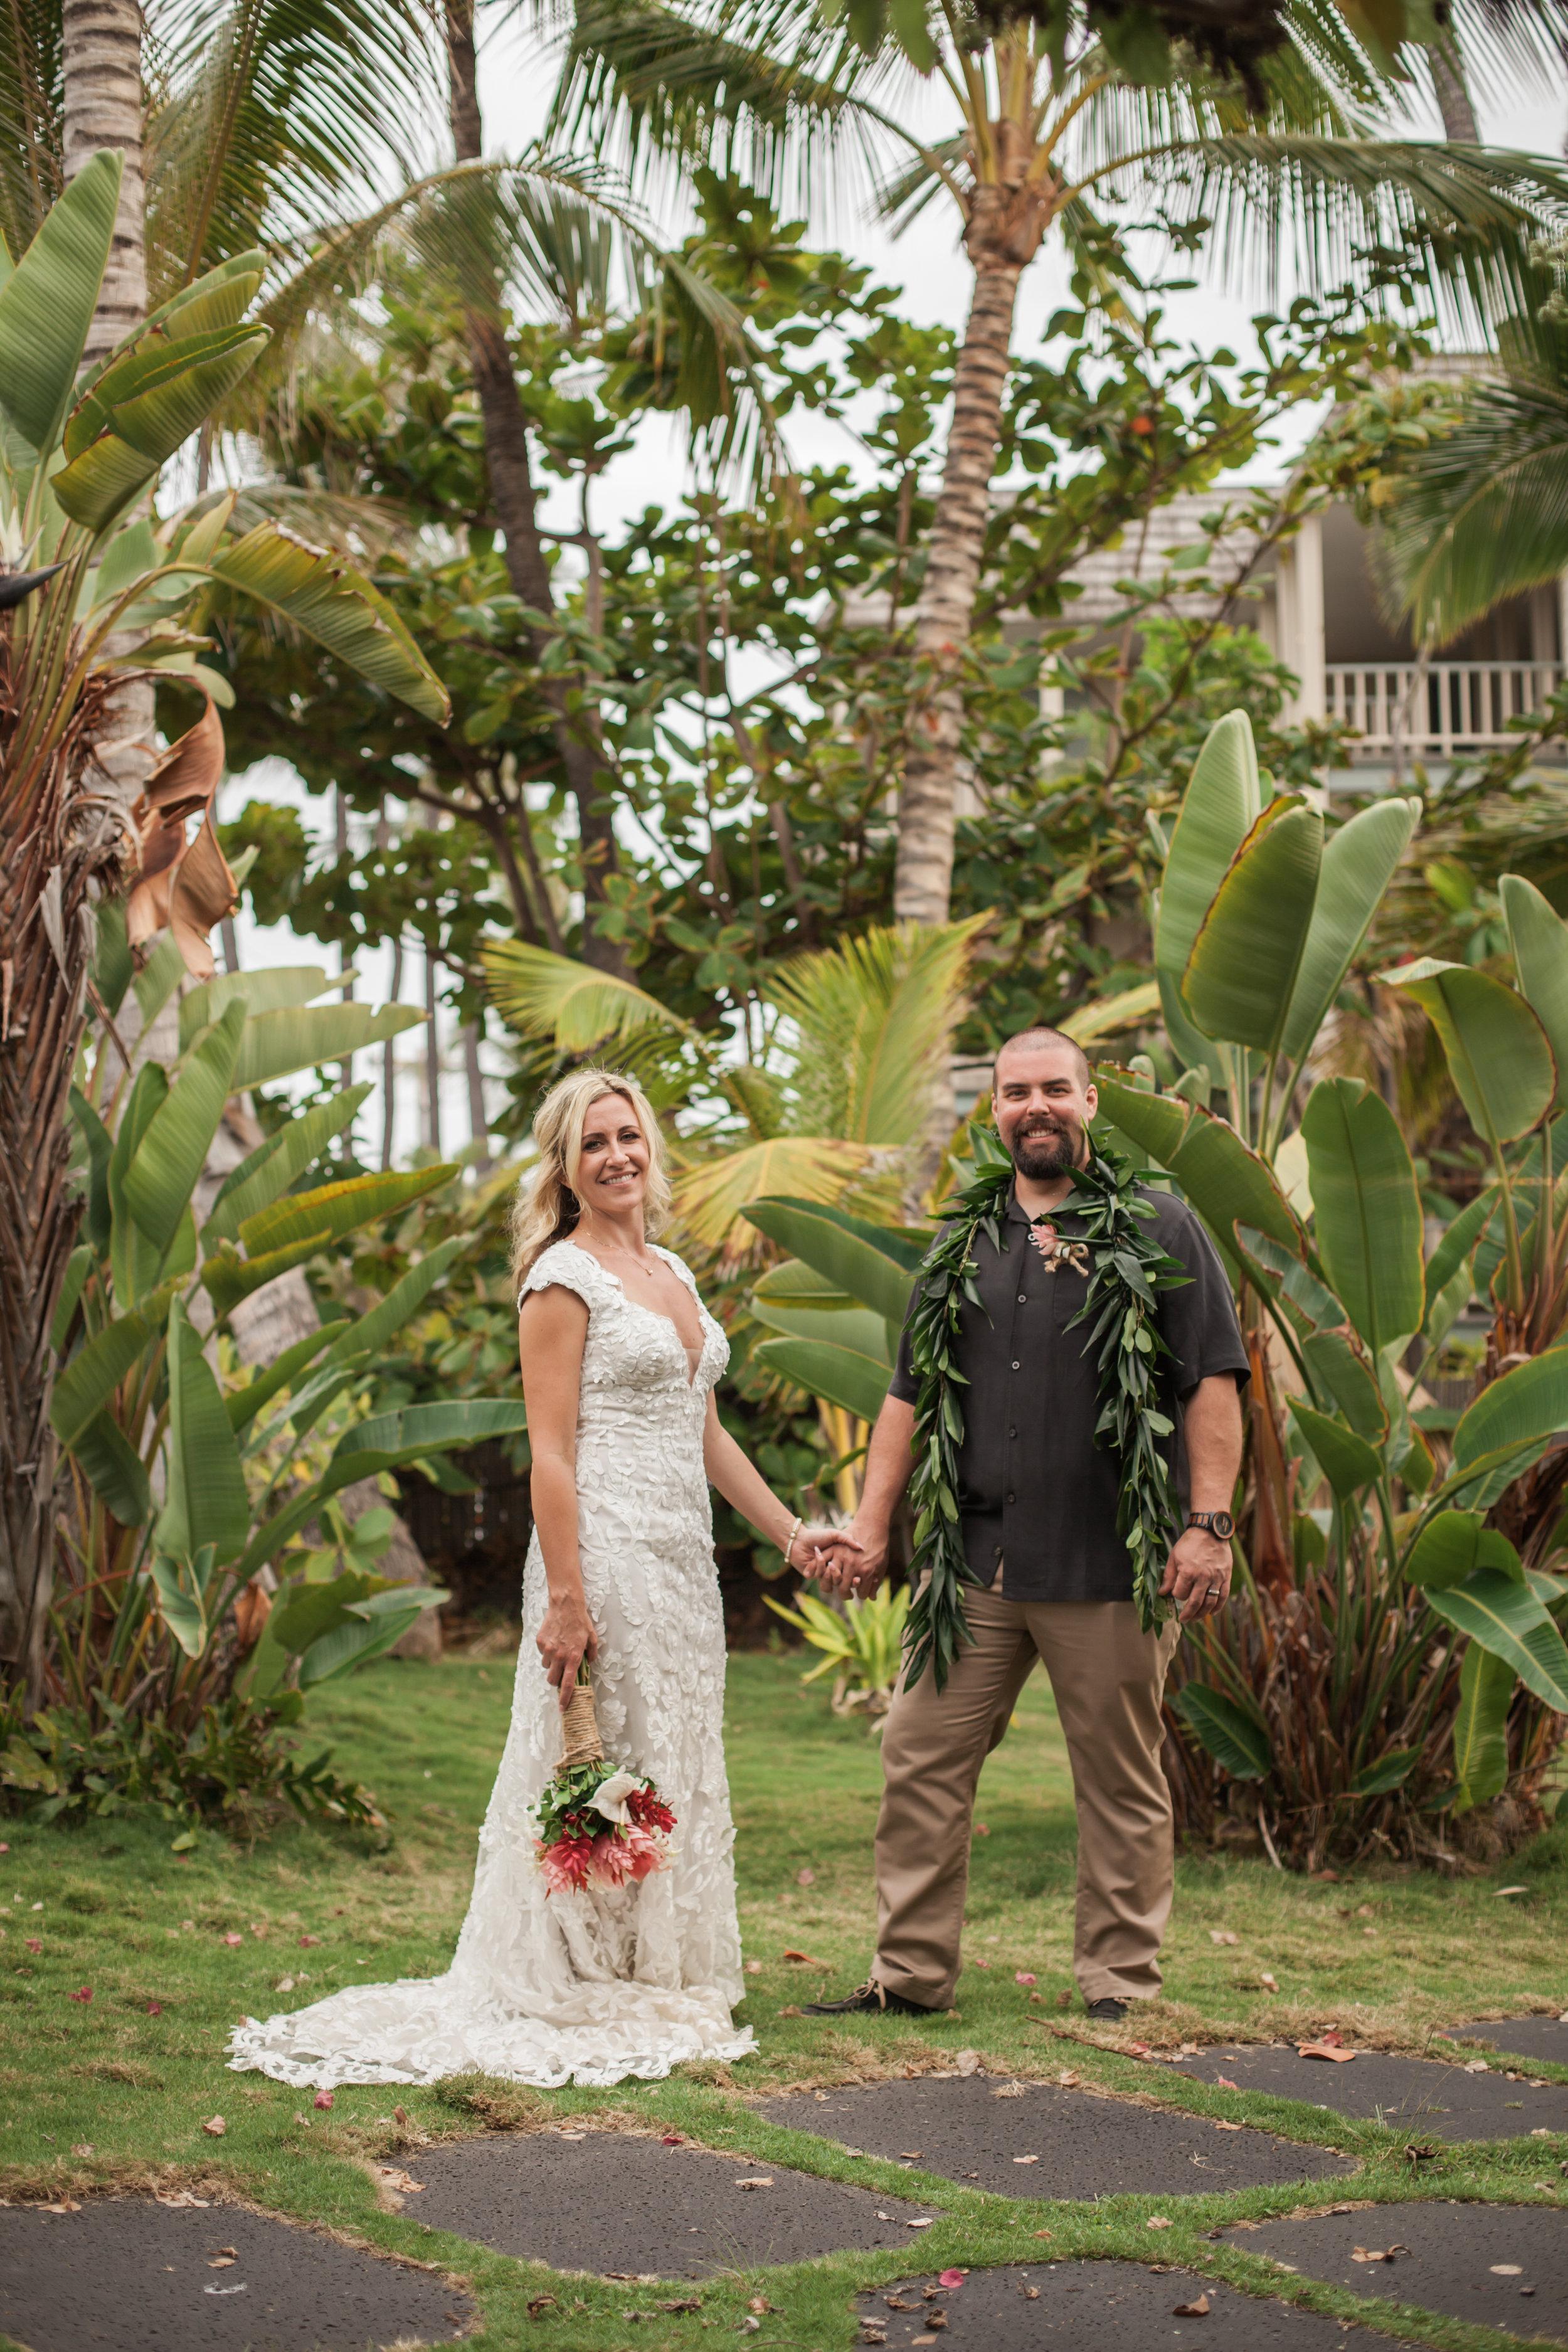 big island hawaii royal kona resort beach wedding © kelilina photography 20170520174340.jpg